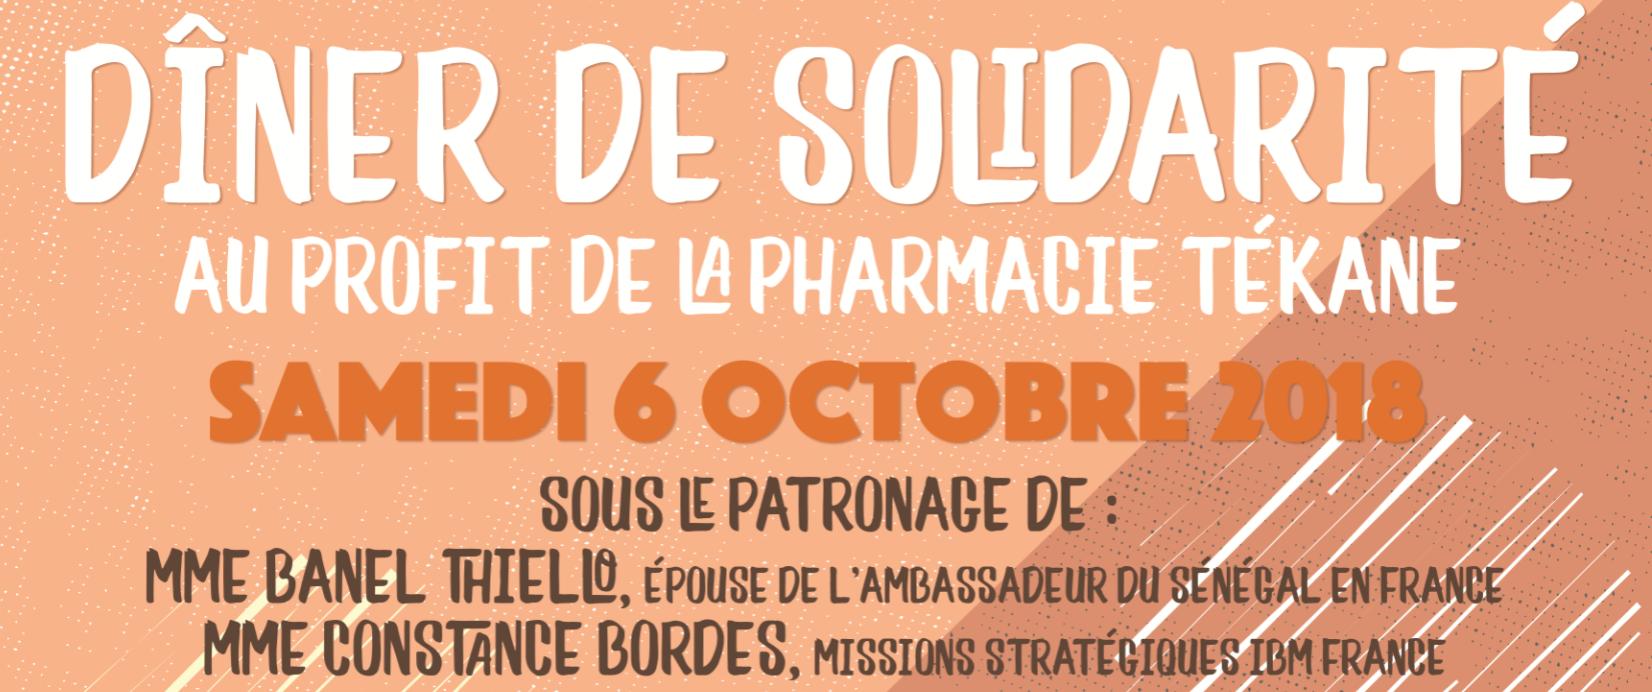 Soirée Solidaire le 6 octobre 2018